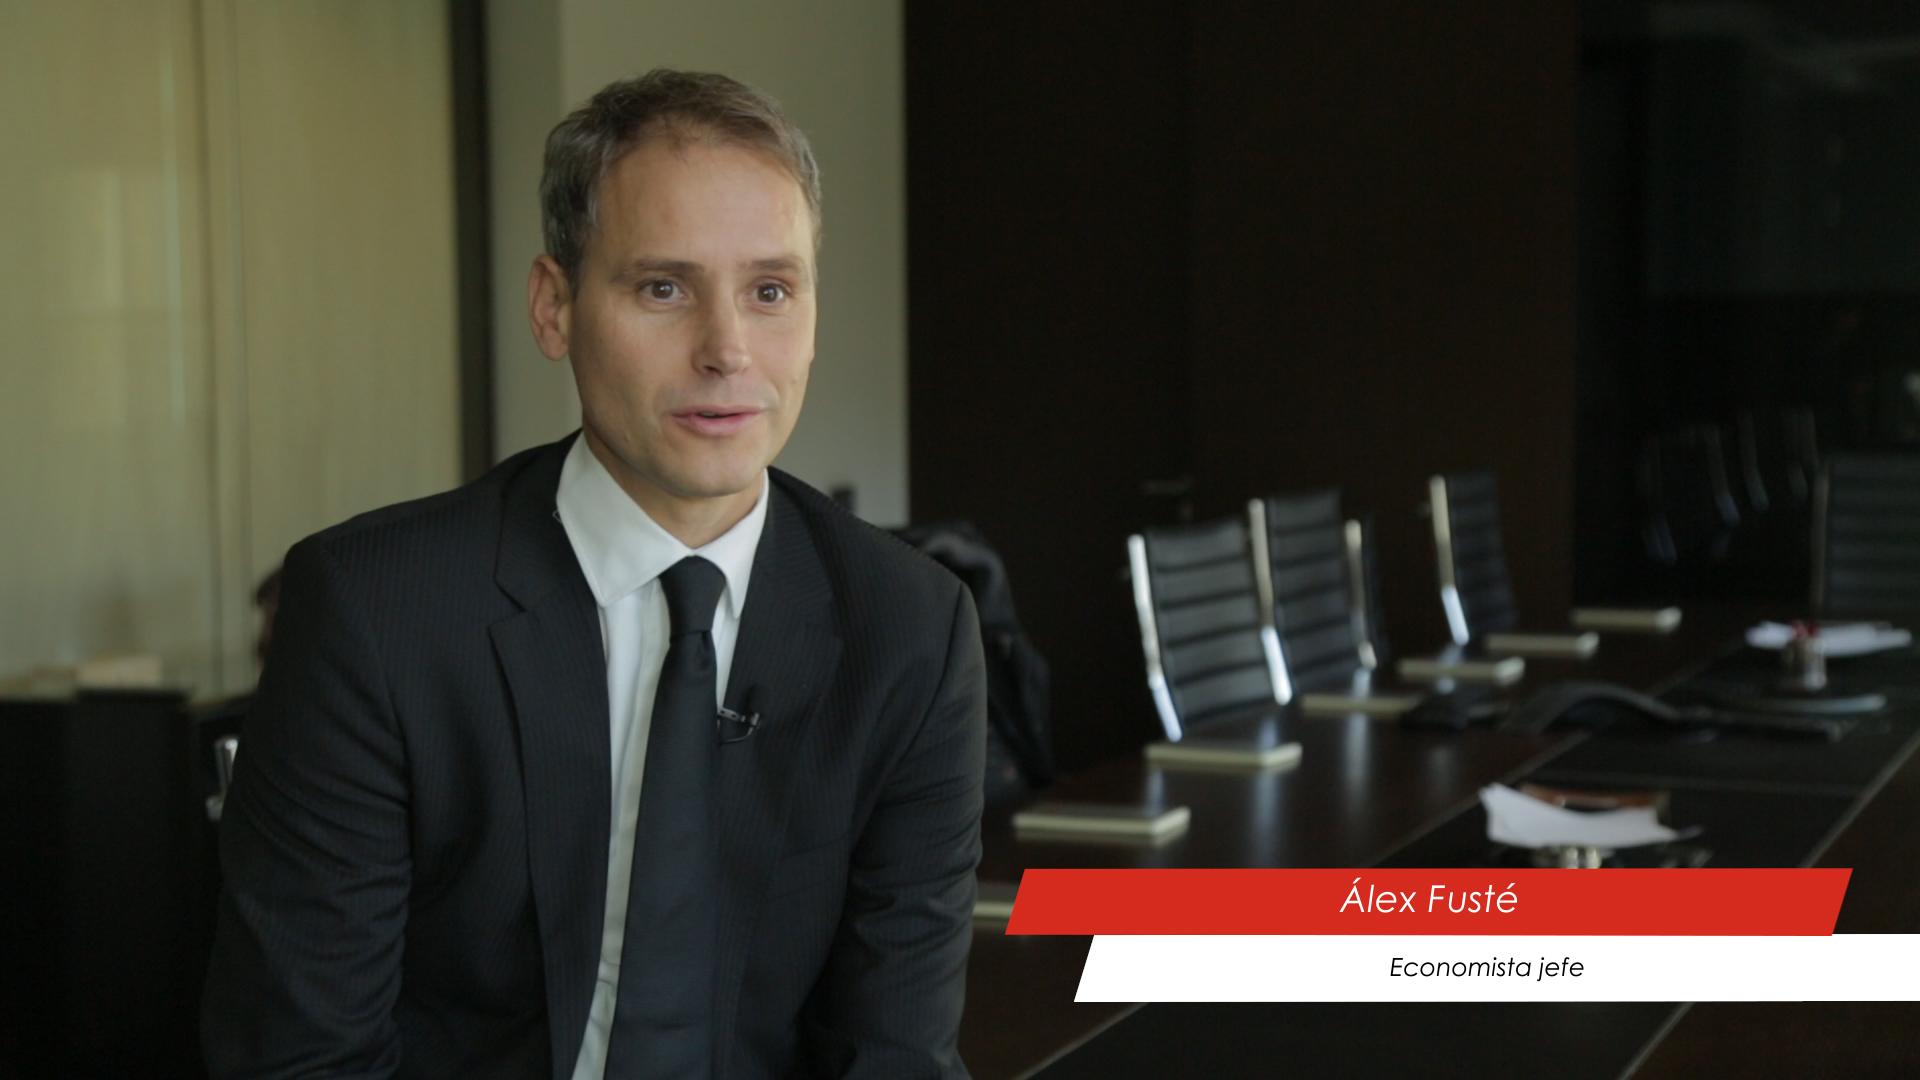 Álex Fusté nos cuenta en un vídeo breve las perspectivas de Andbank para economía y mercados en 2016